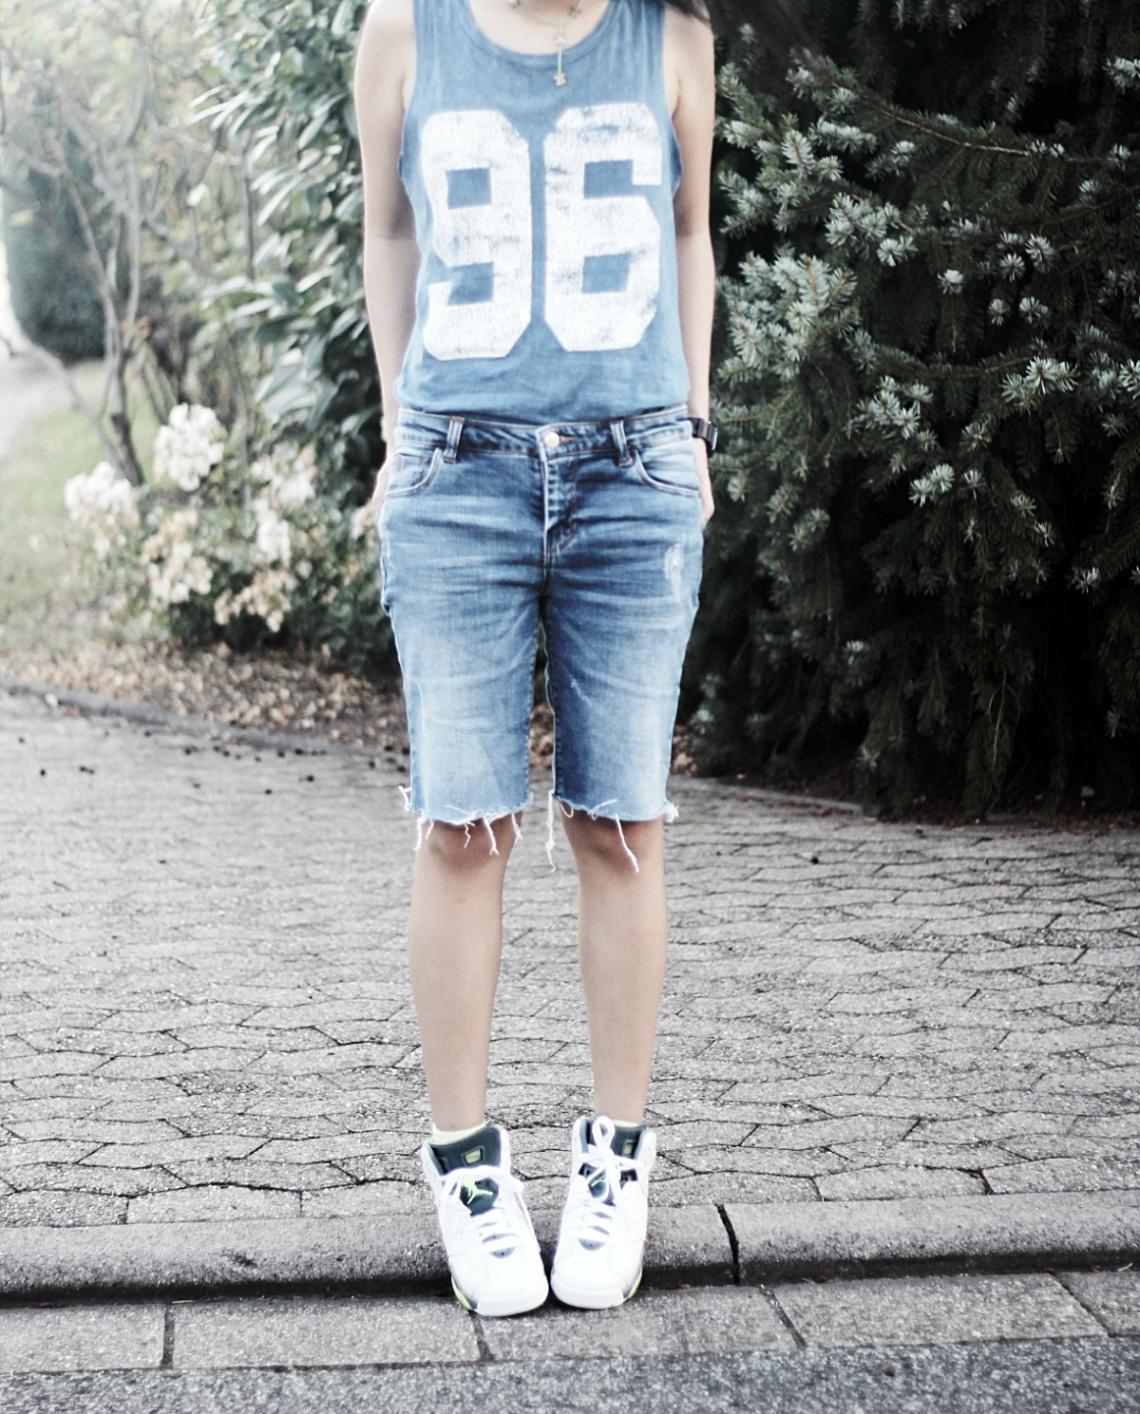 nikesneakers13